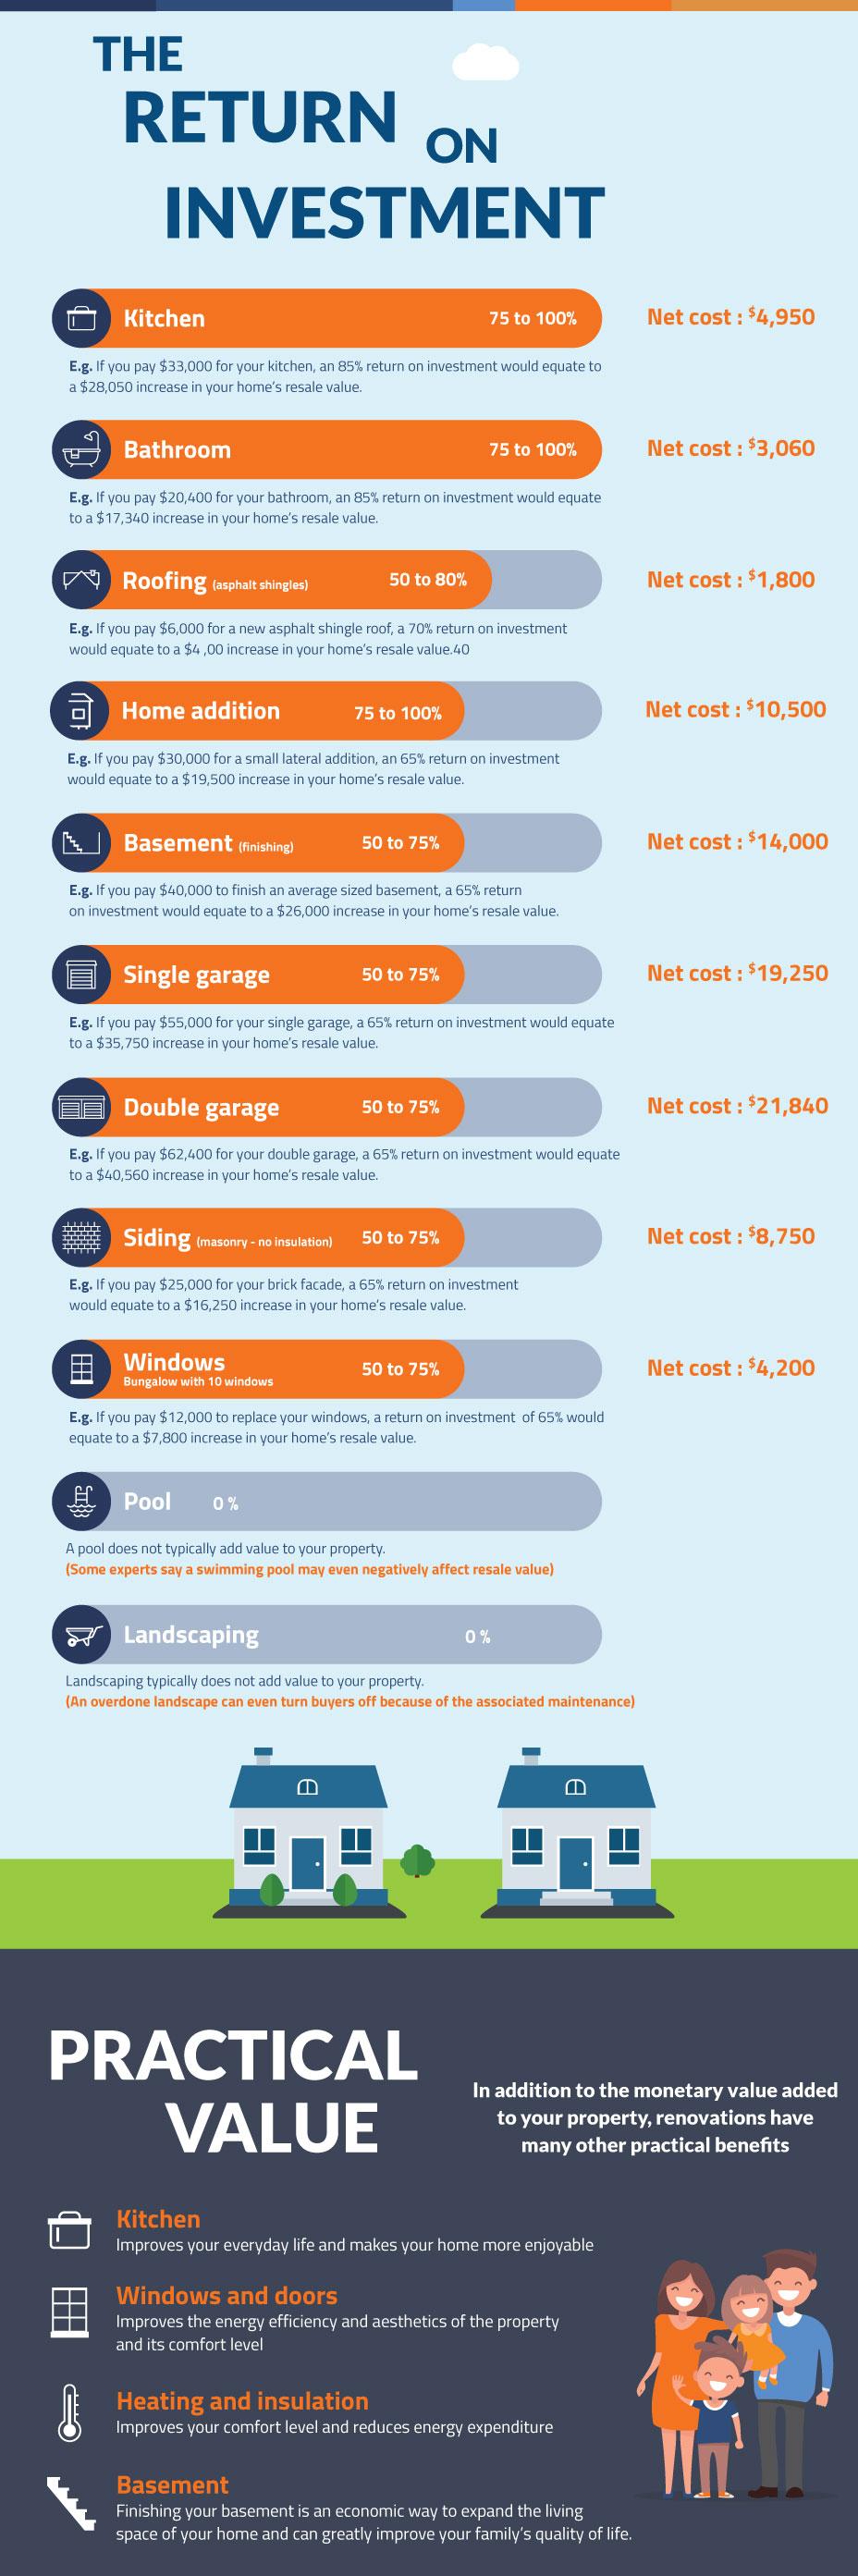 EN-2020-return-on-investment